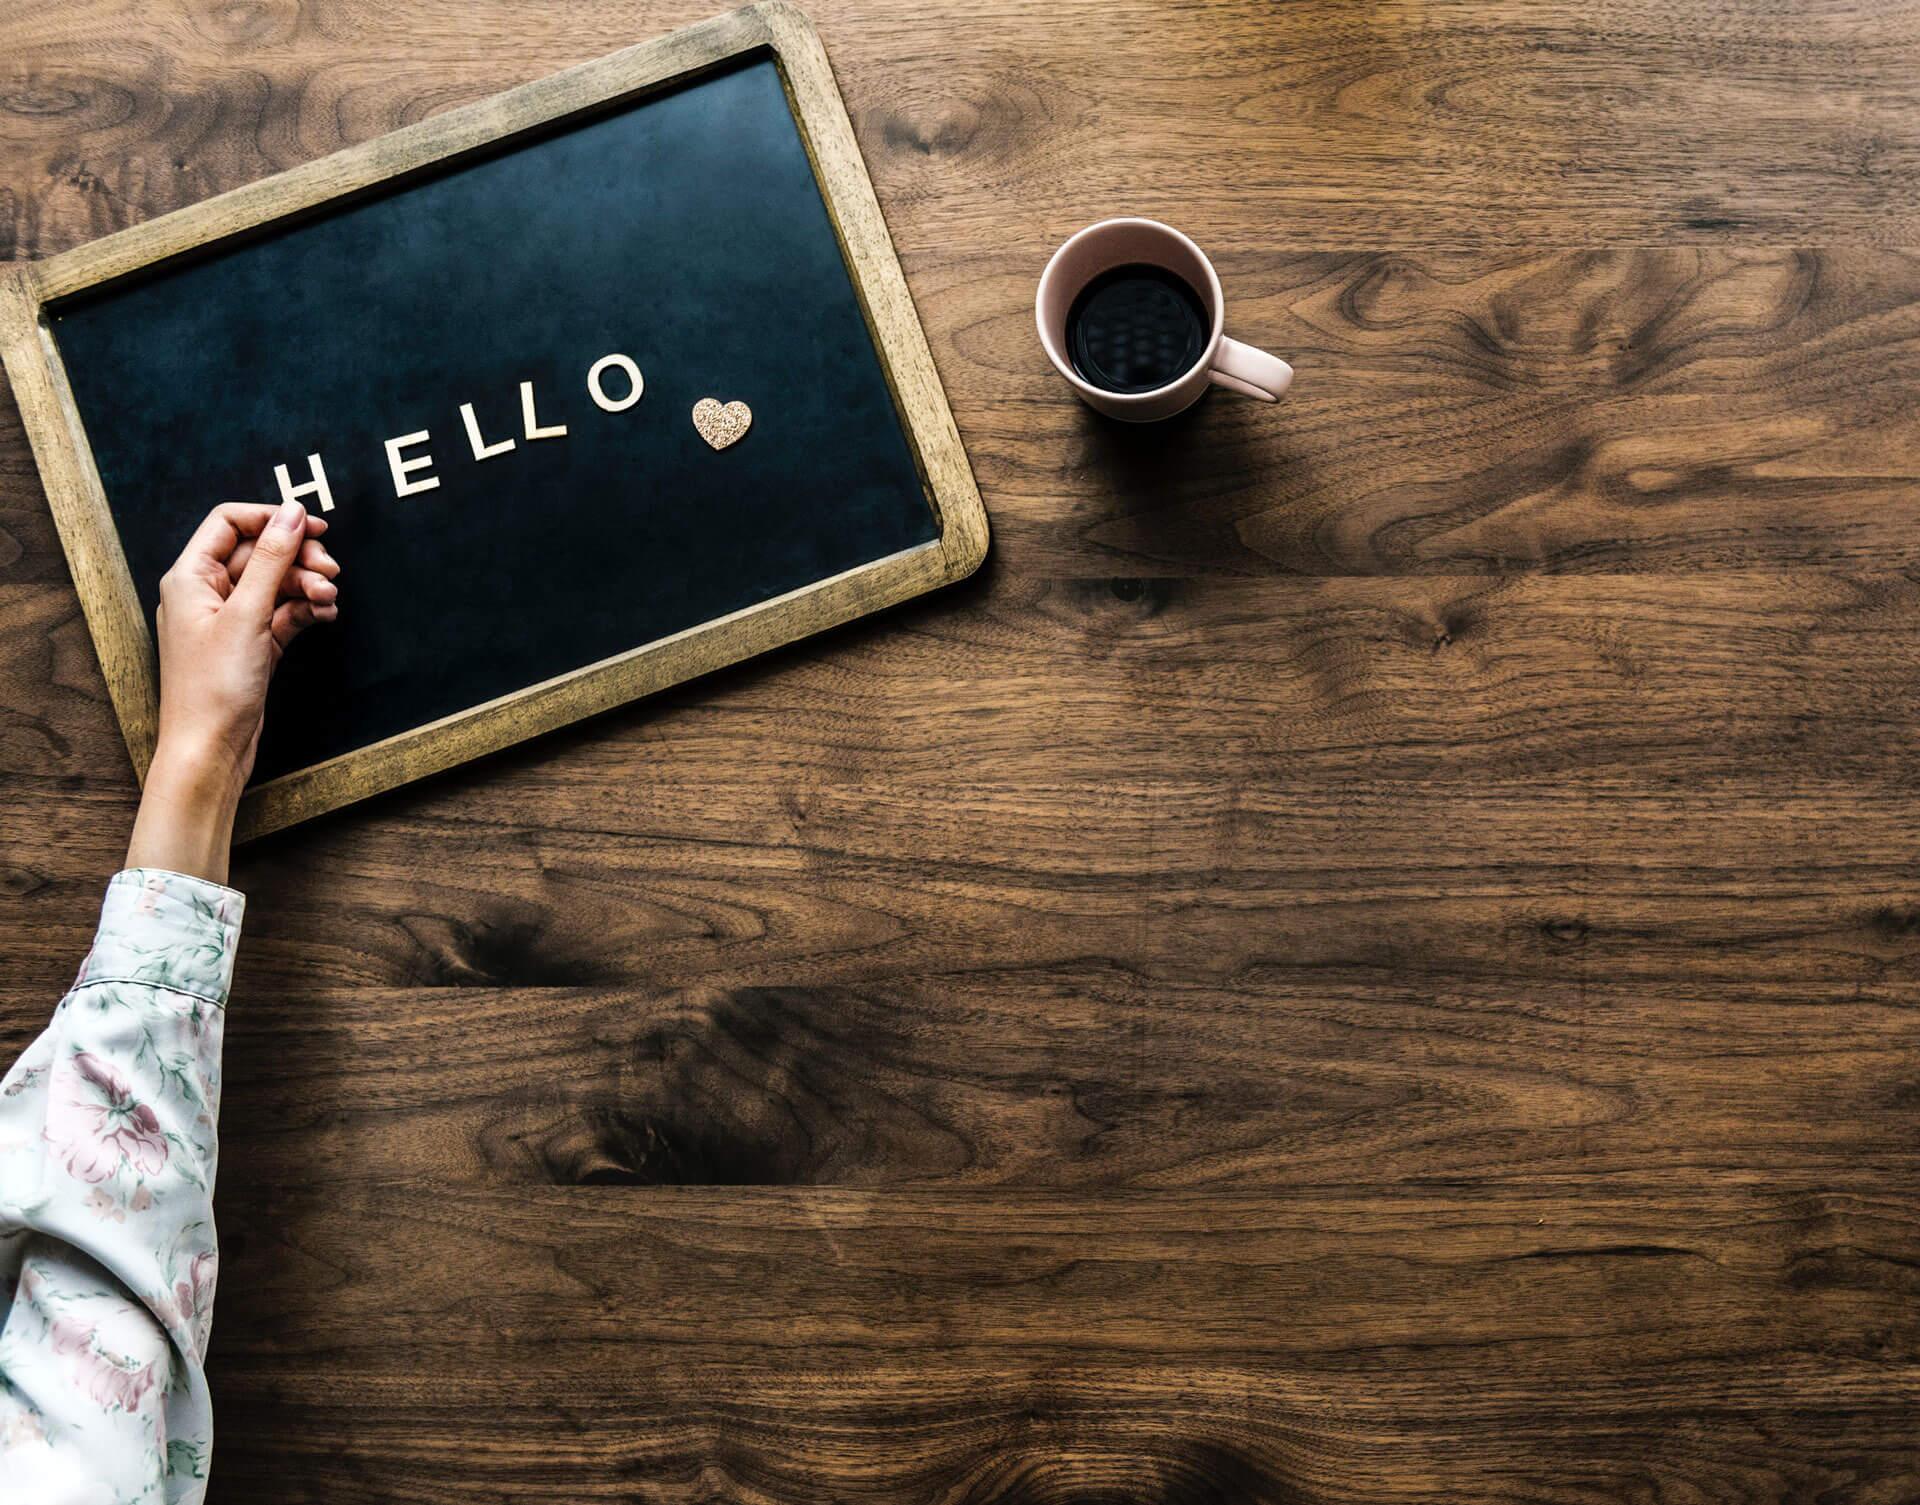 En kaffe kopp och hello på en blackboard